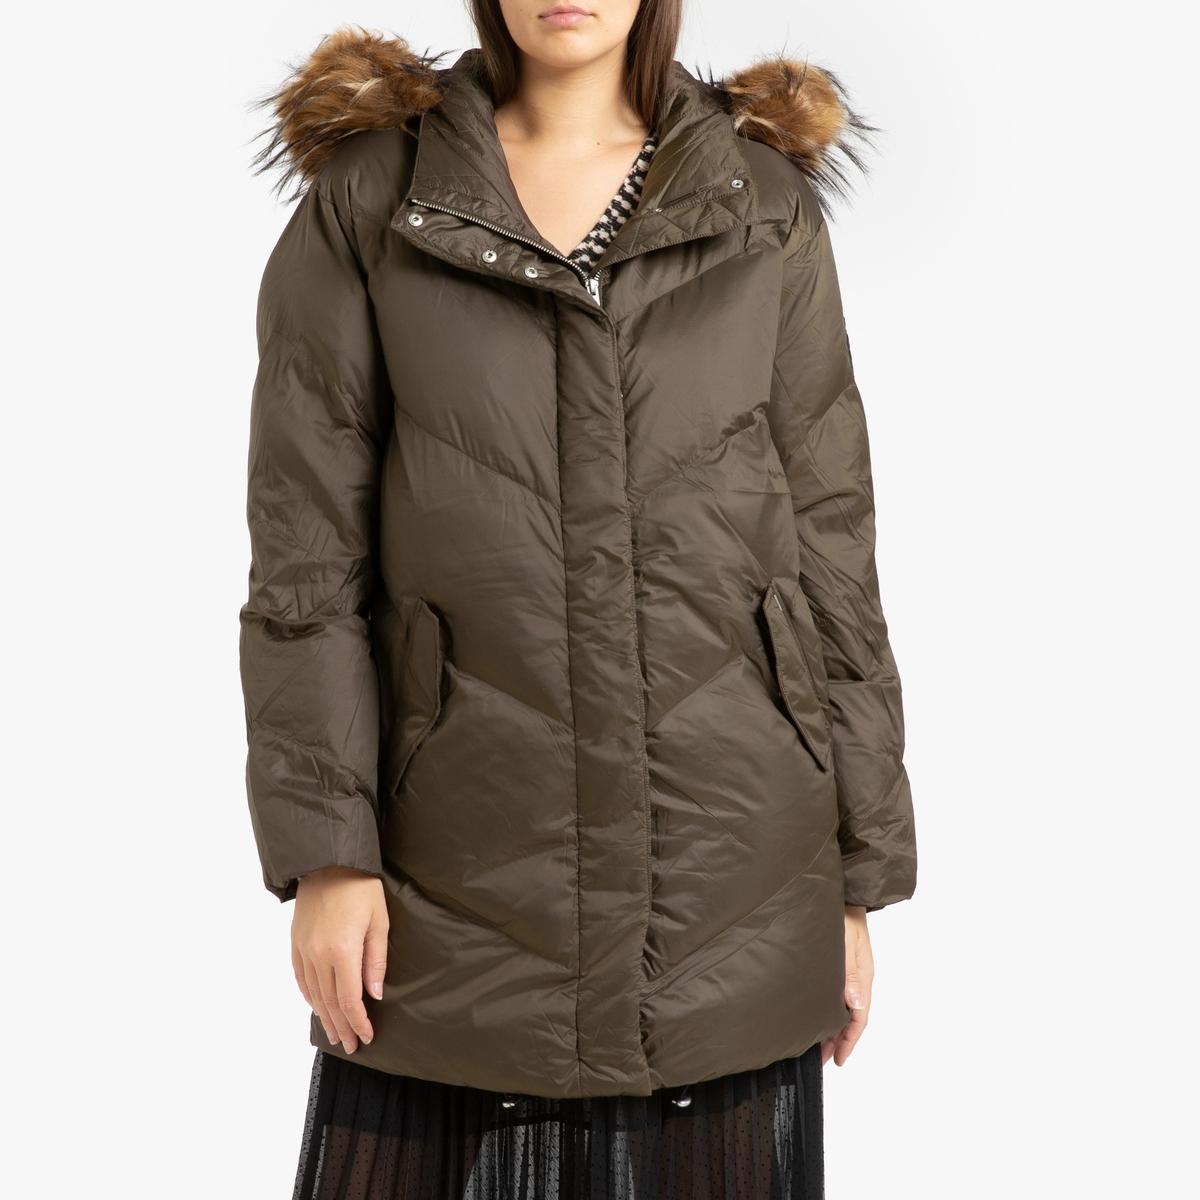 цена Куртка La Redoute Стеганая средней длины с капюшоном M зеленый онлайн в 2017 году